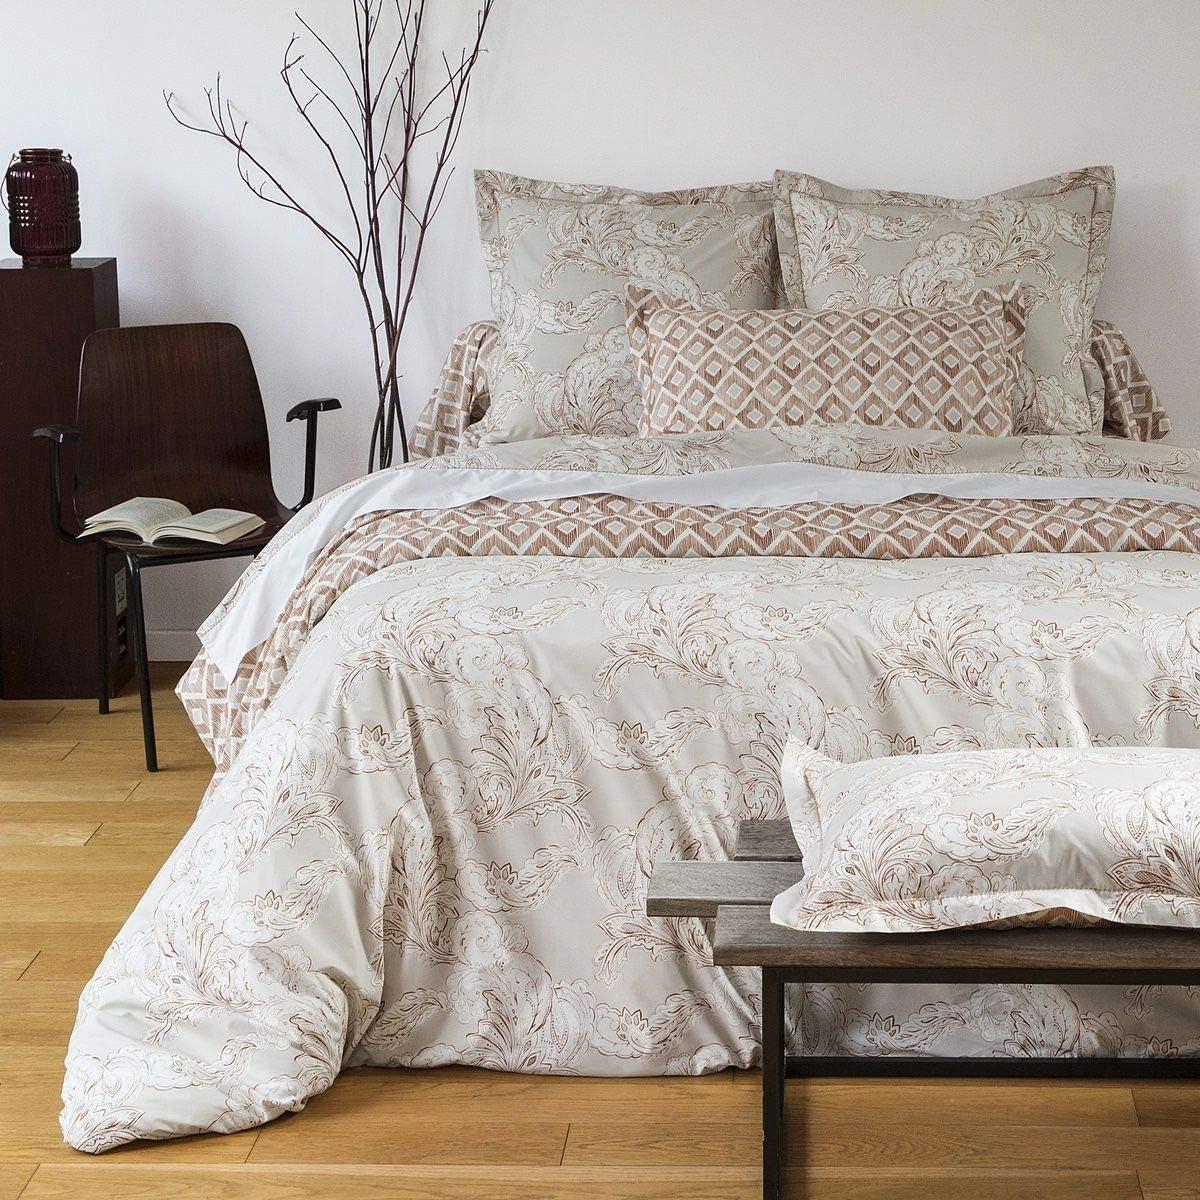 Housse de Couette Cachemire 240 x 220 cm Imprim/é Traditionnel 100/% Coton Percale 80 Fils Beige Fonce